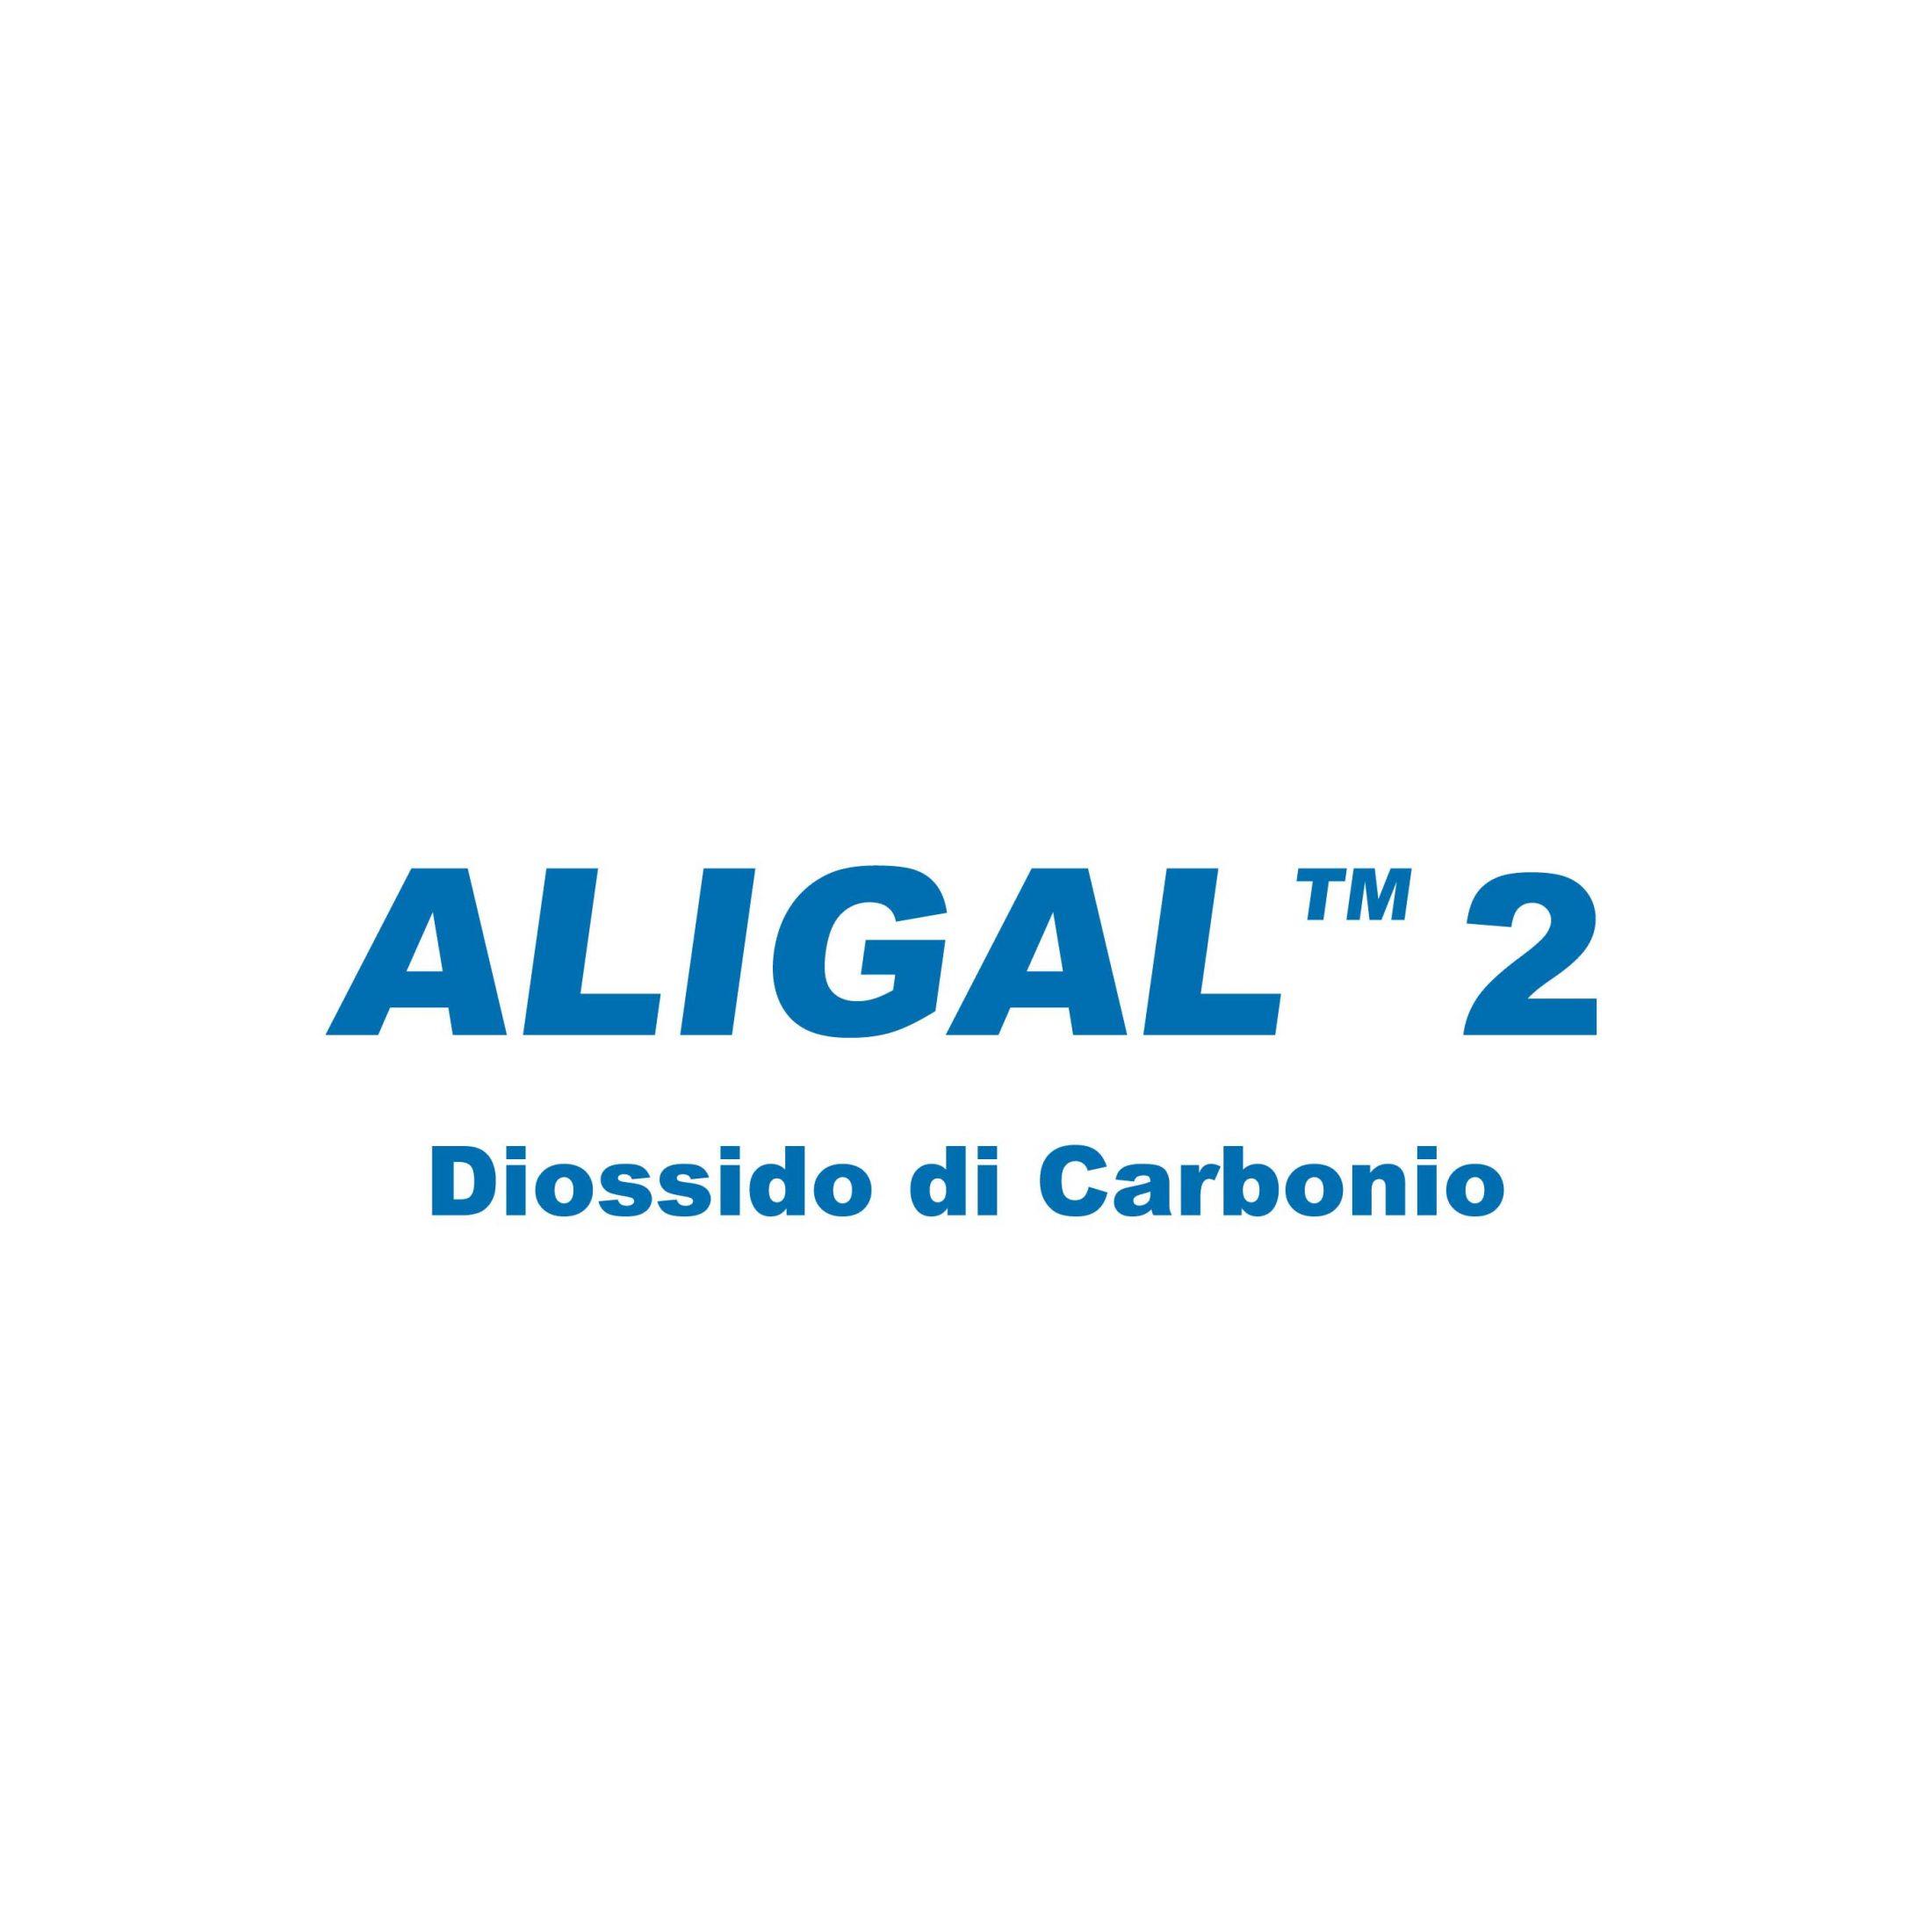 aligal-2-logo